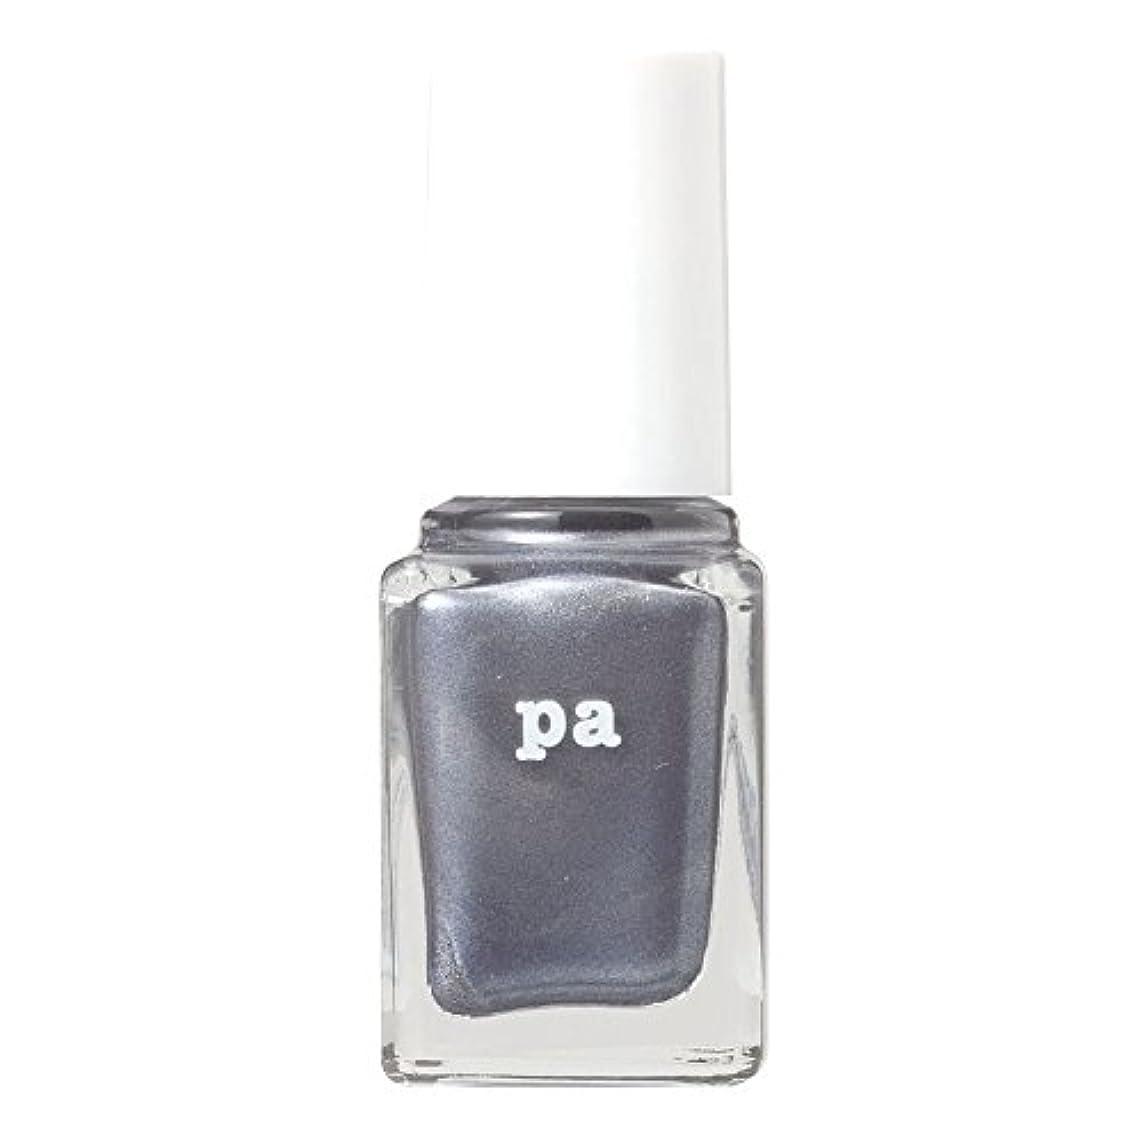 いつあいまいさ支配的pa ネイルカラープレミア AA158 (6mL)